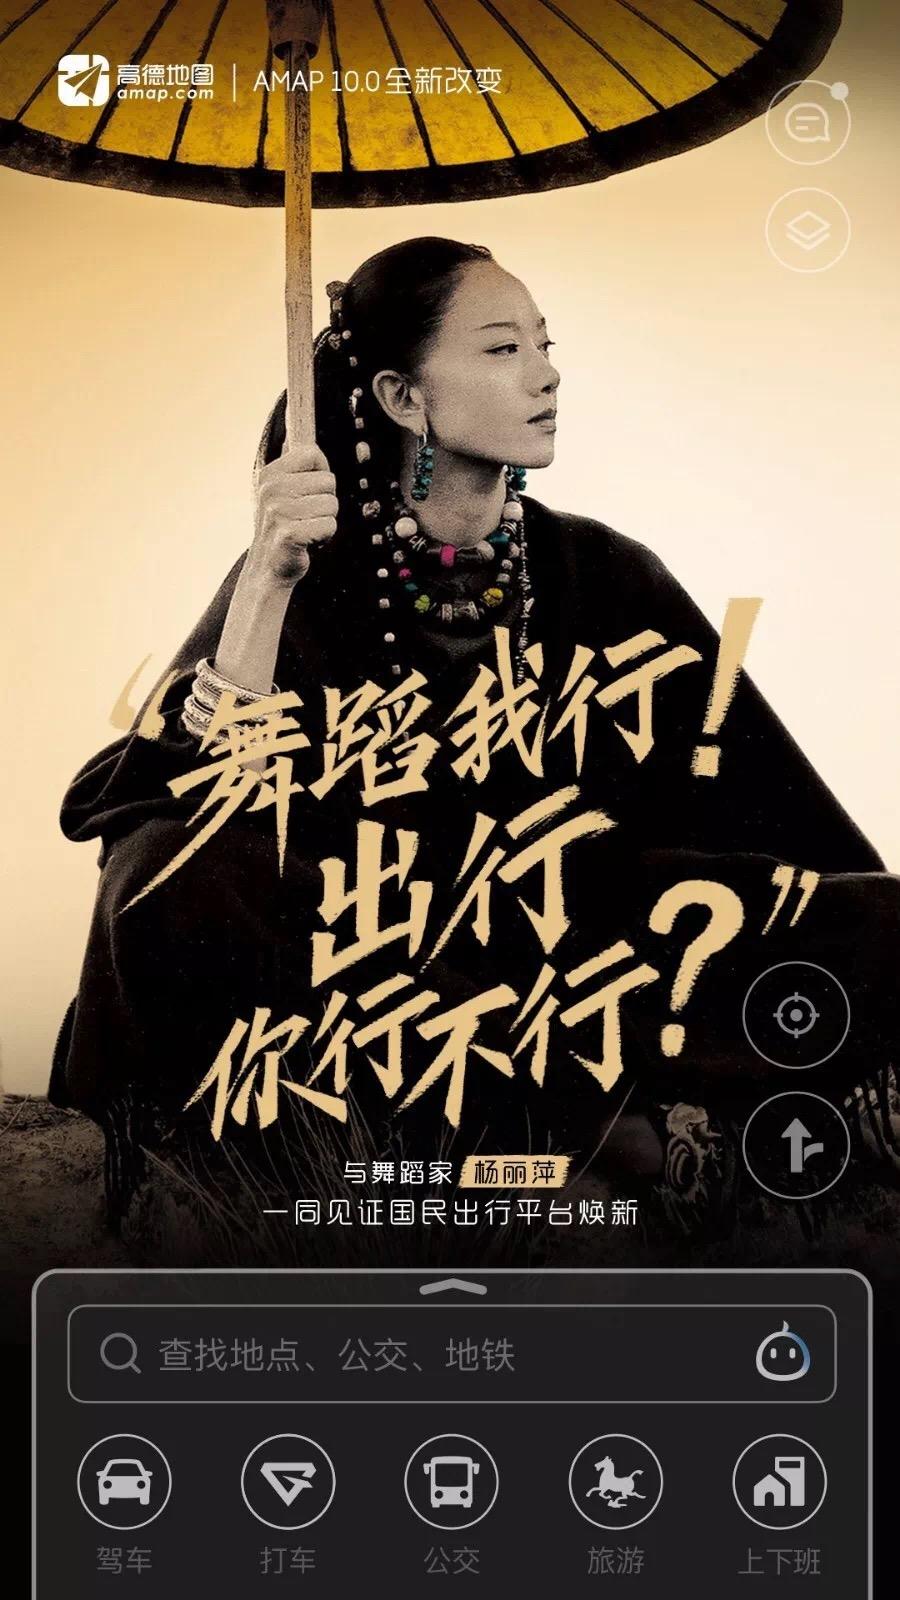 高德地图杨丽萍联合海报